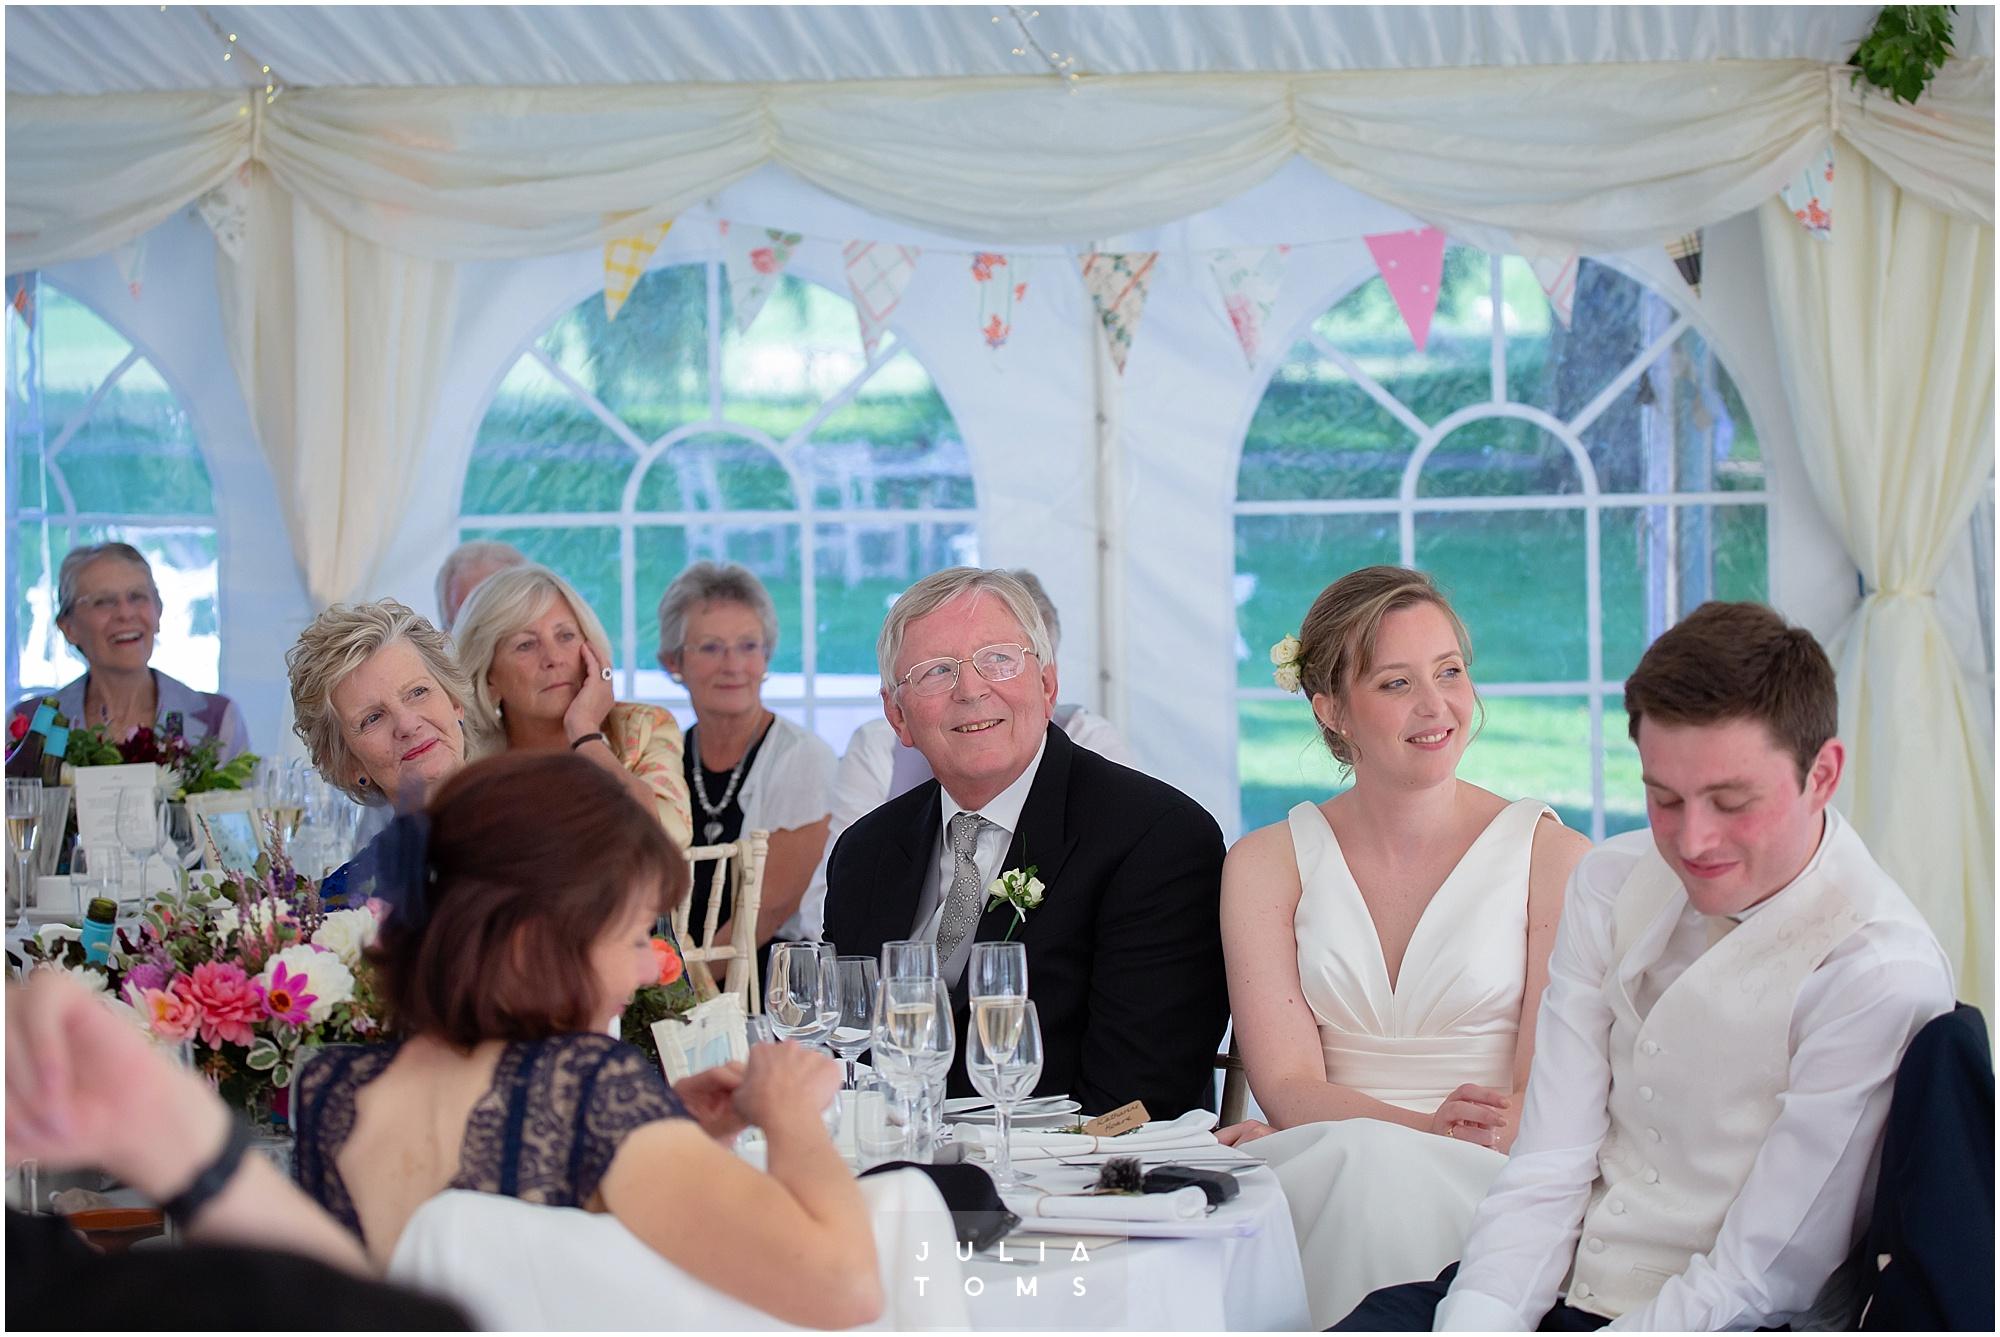 westsussex_wedding_photographer_westdean_127.jpg